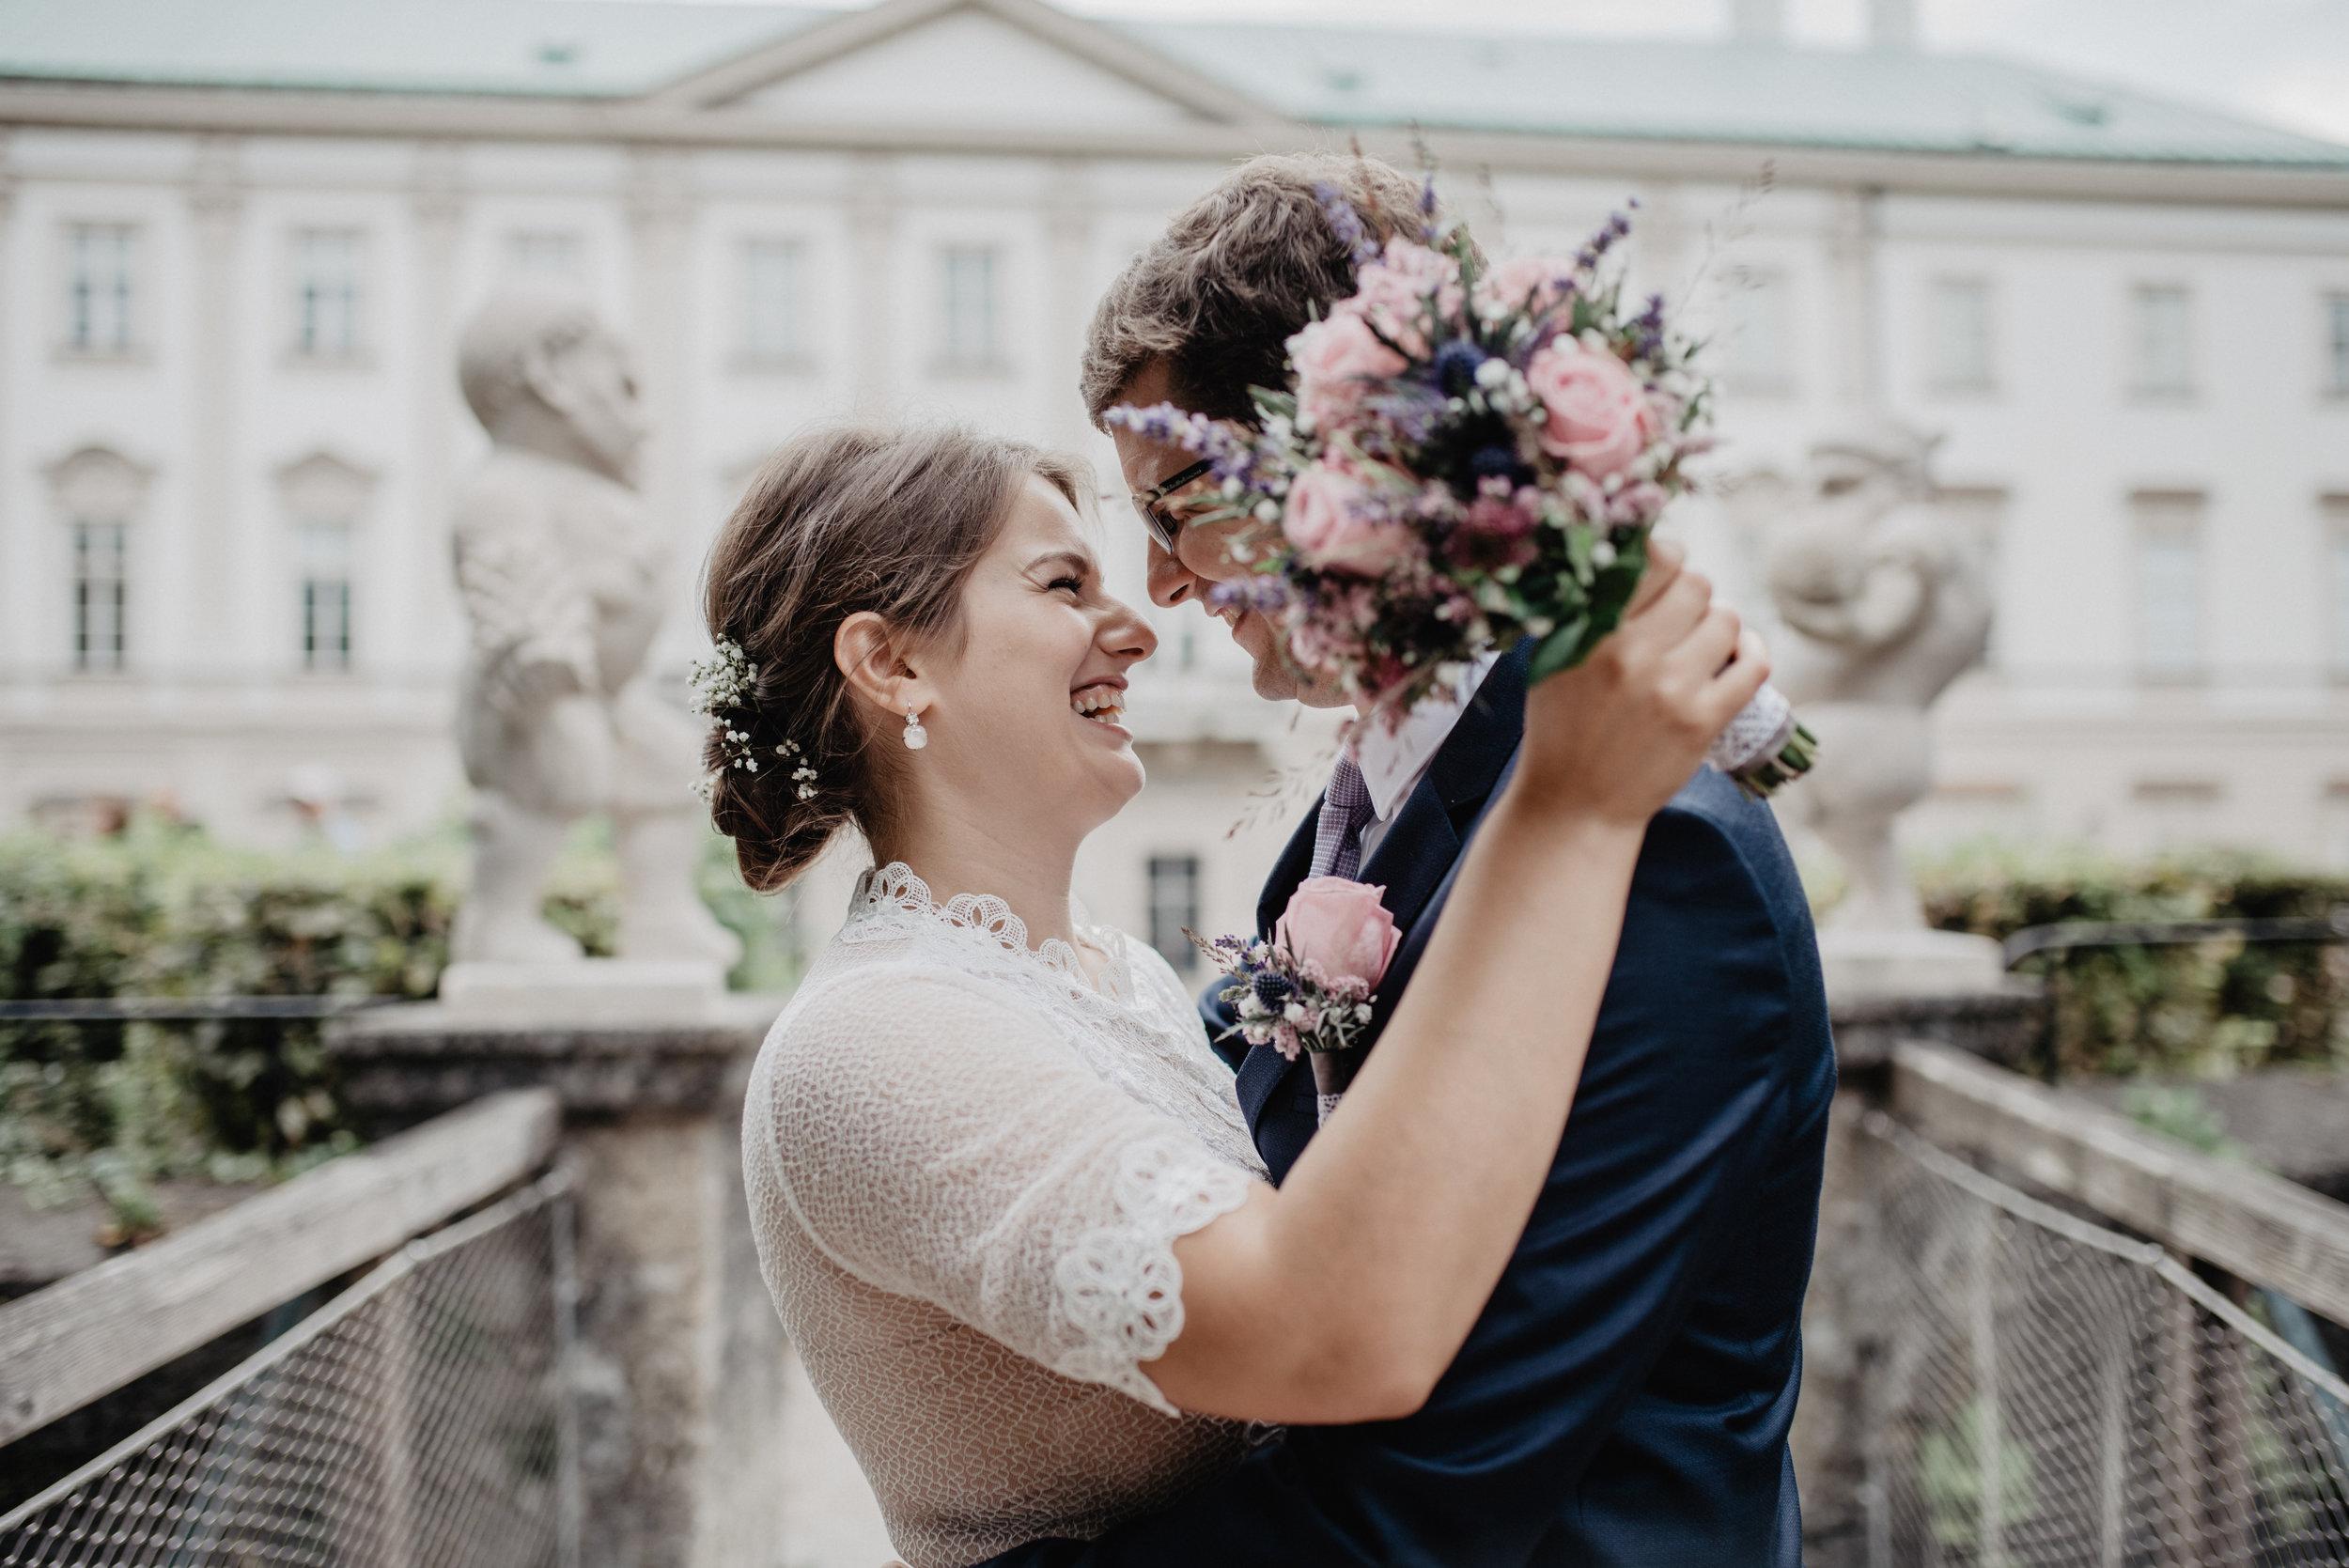 Hochzeit Salzburg Mirabell - Miss Freckles Photography (8 von 49).jpg